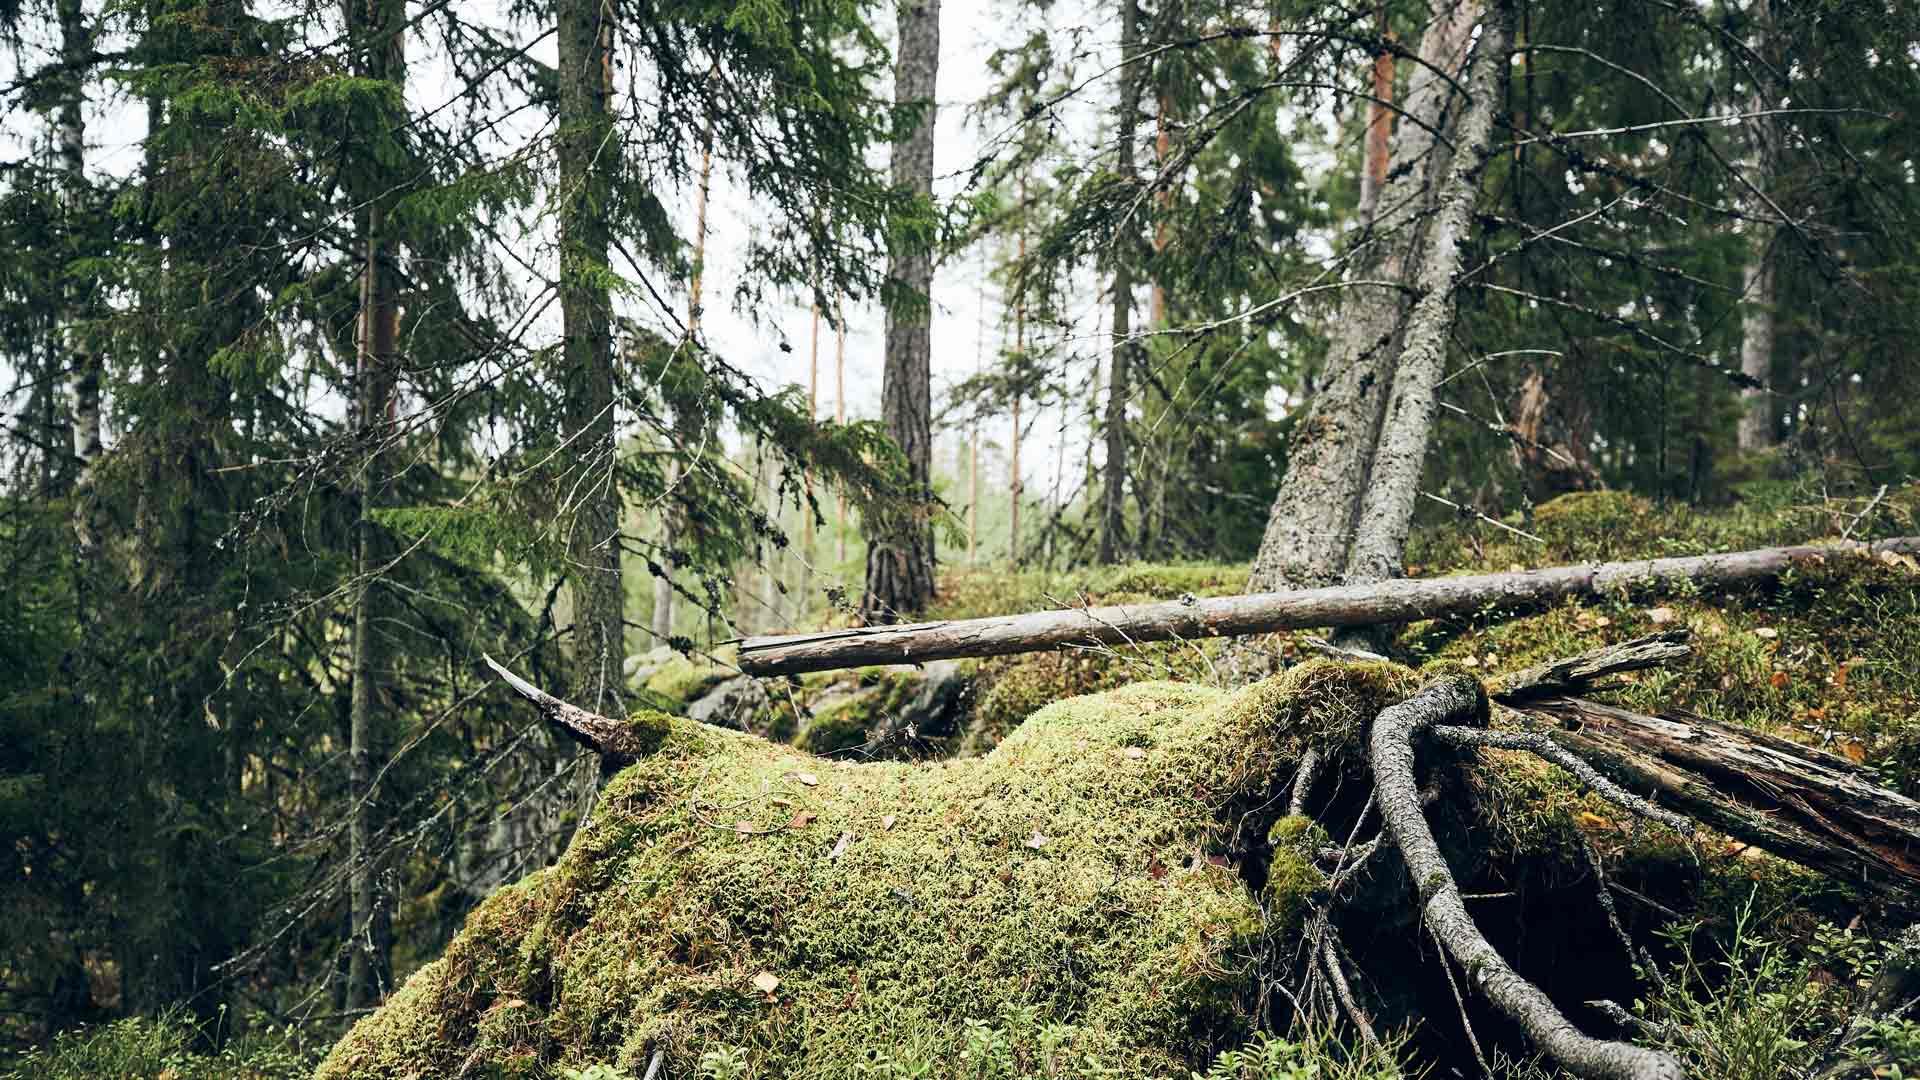 Muistot eivät katoa, kun ne sidotaan suomalaiseen sielunmaisemaan, vihreään metsään.